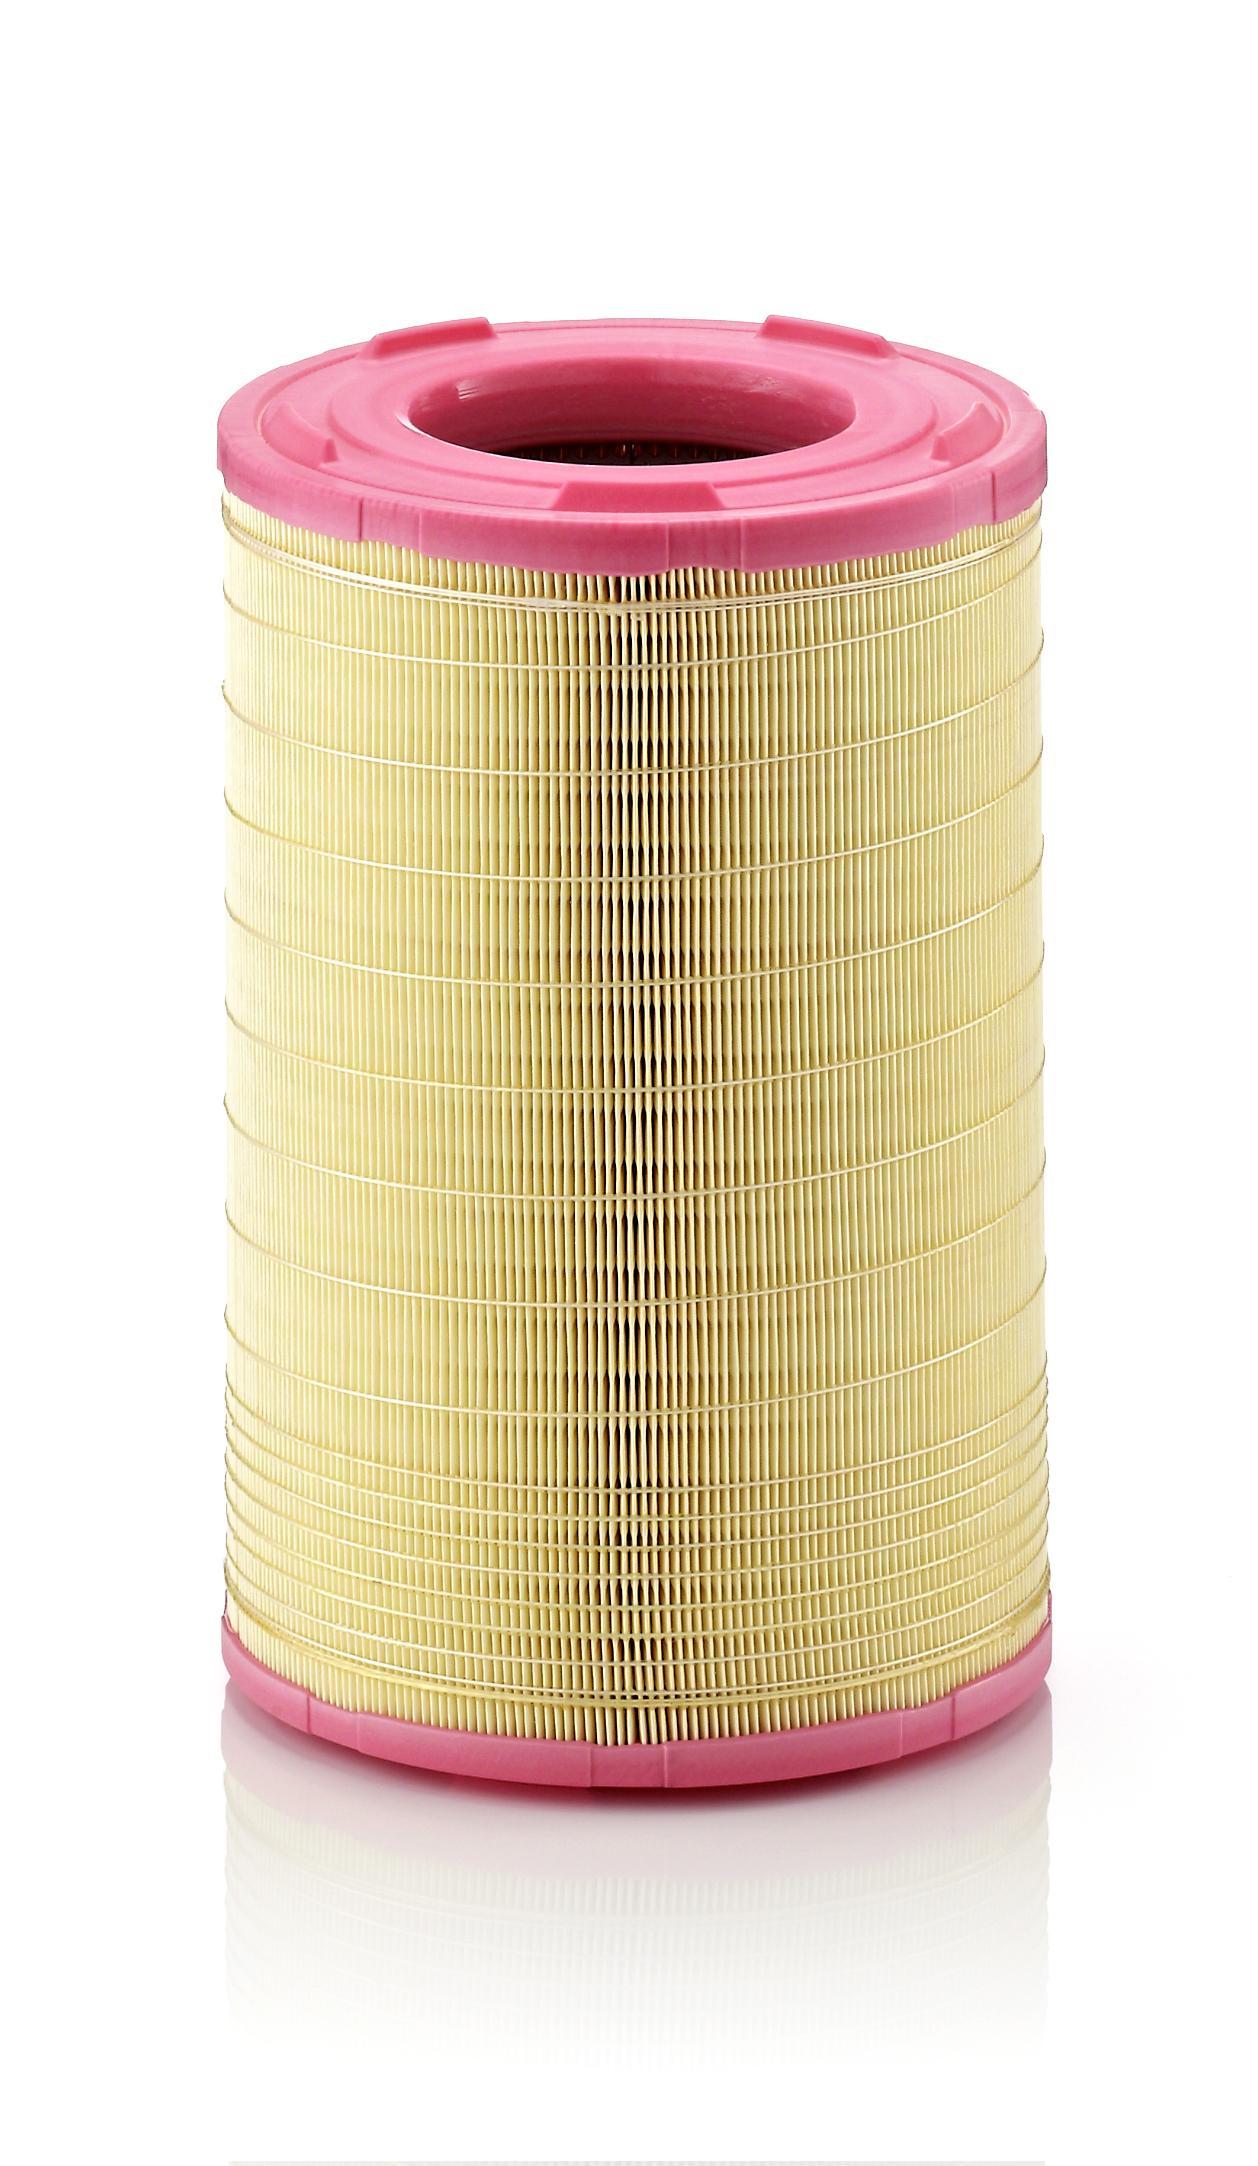 C 25 003 MANN-FILTER Filtre à air pour VOLVO FL II - à acheter dès maintenant